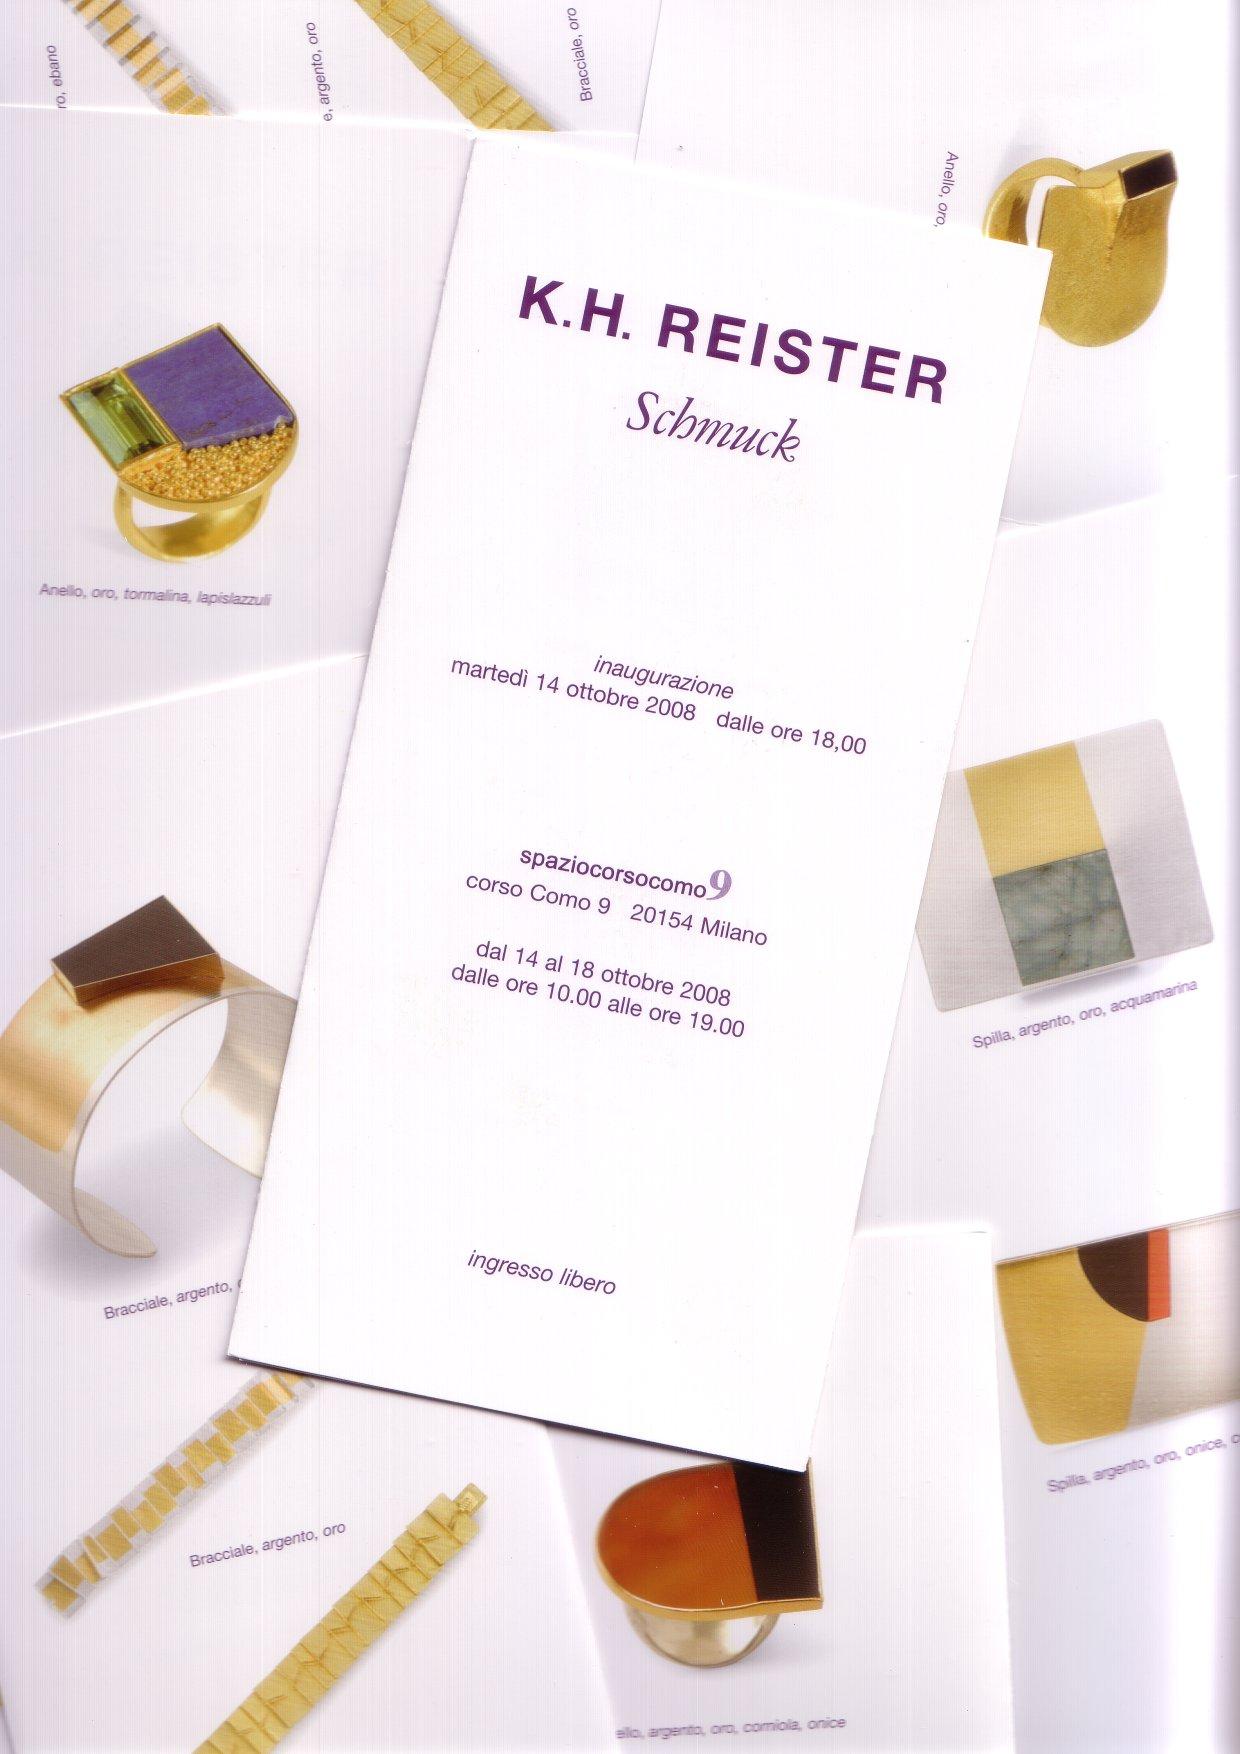 khr-2008-gruppo-1240.jpg